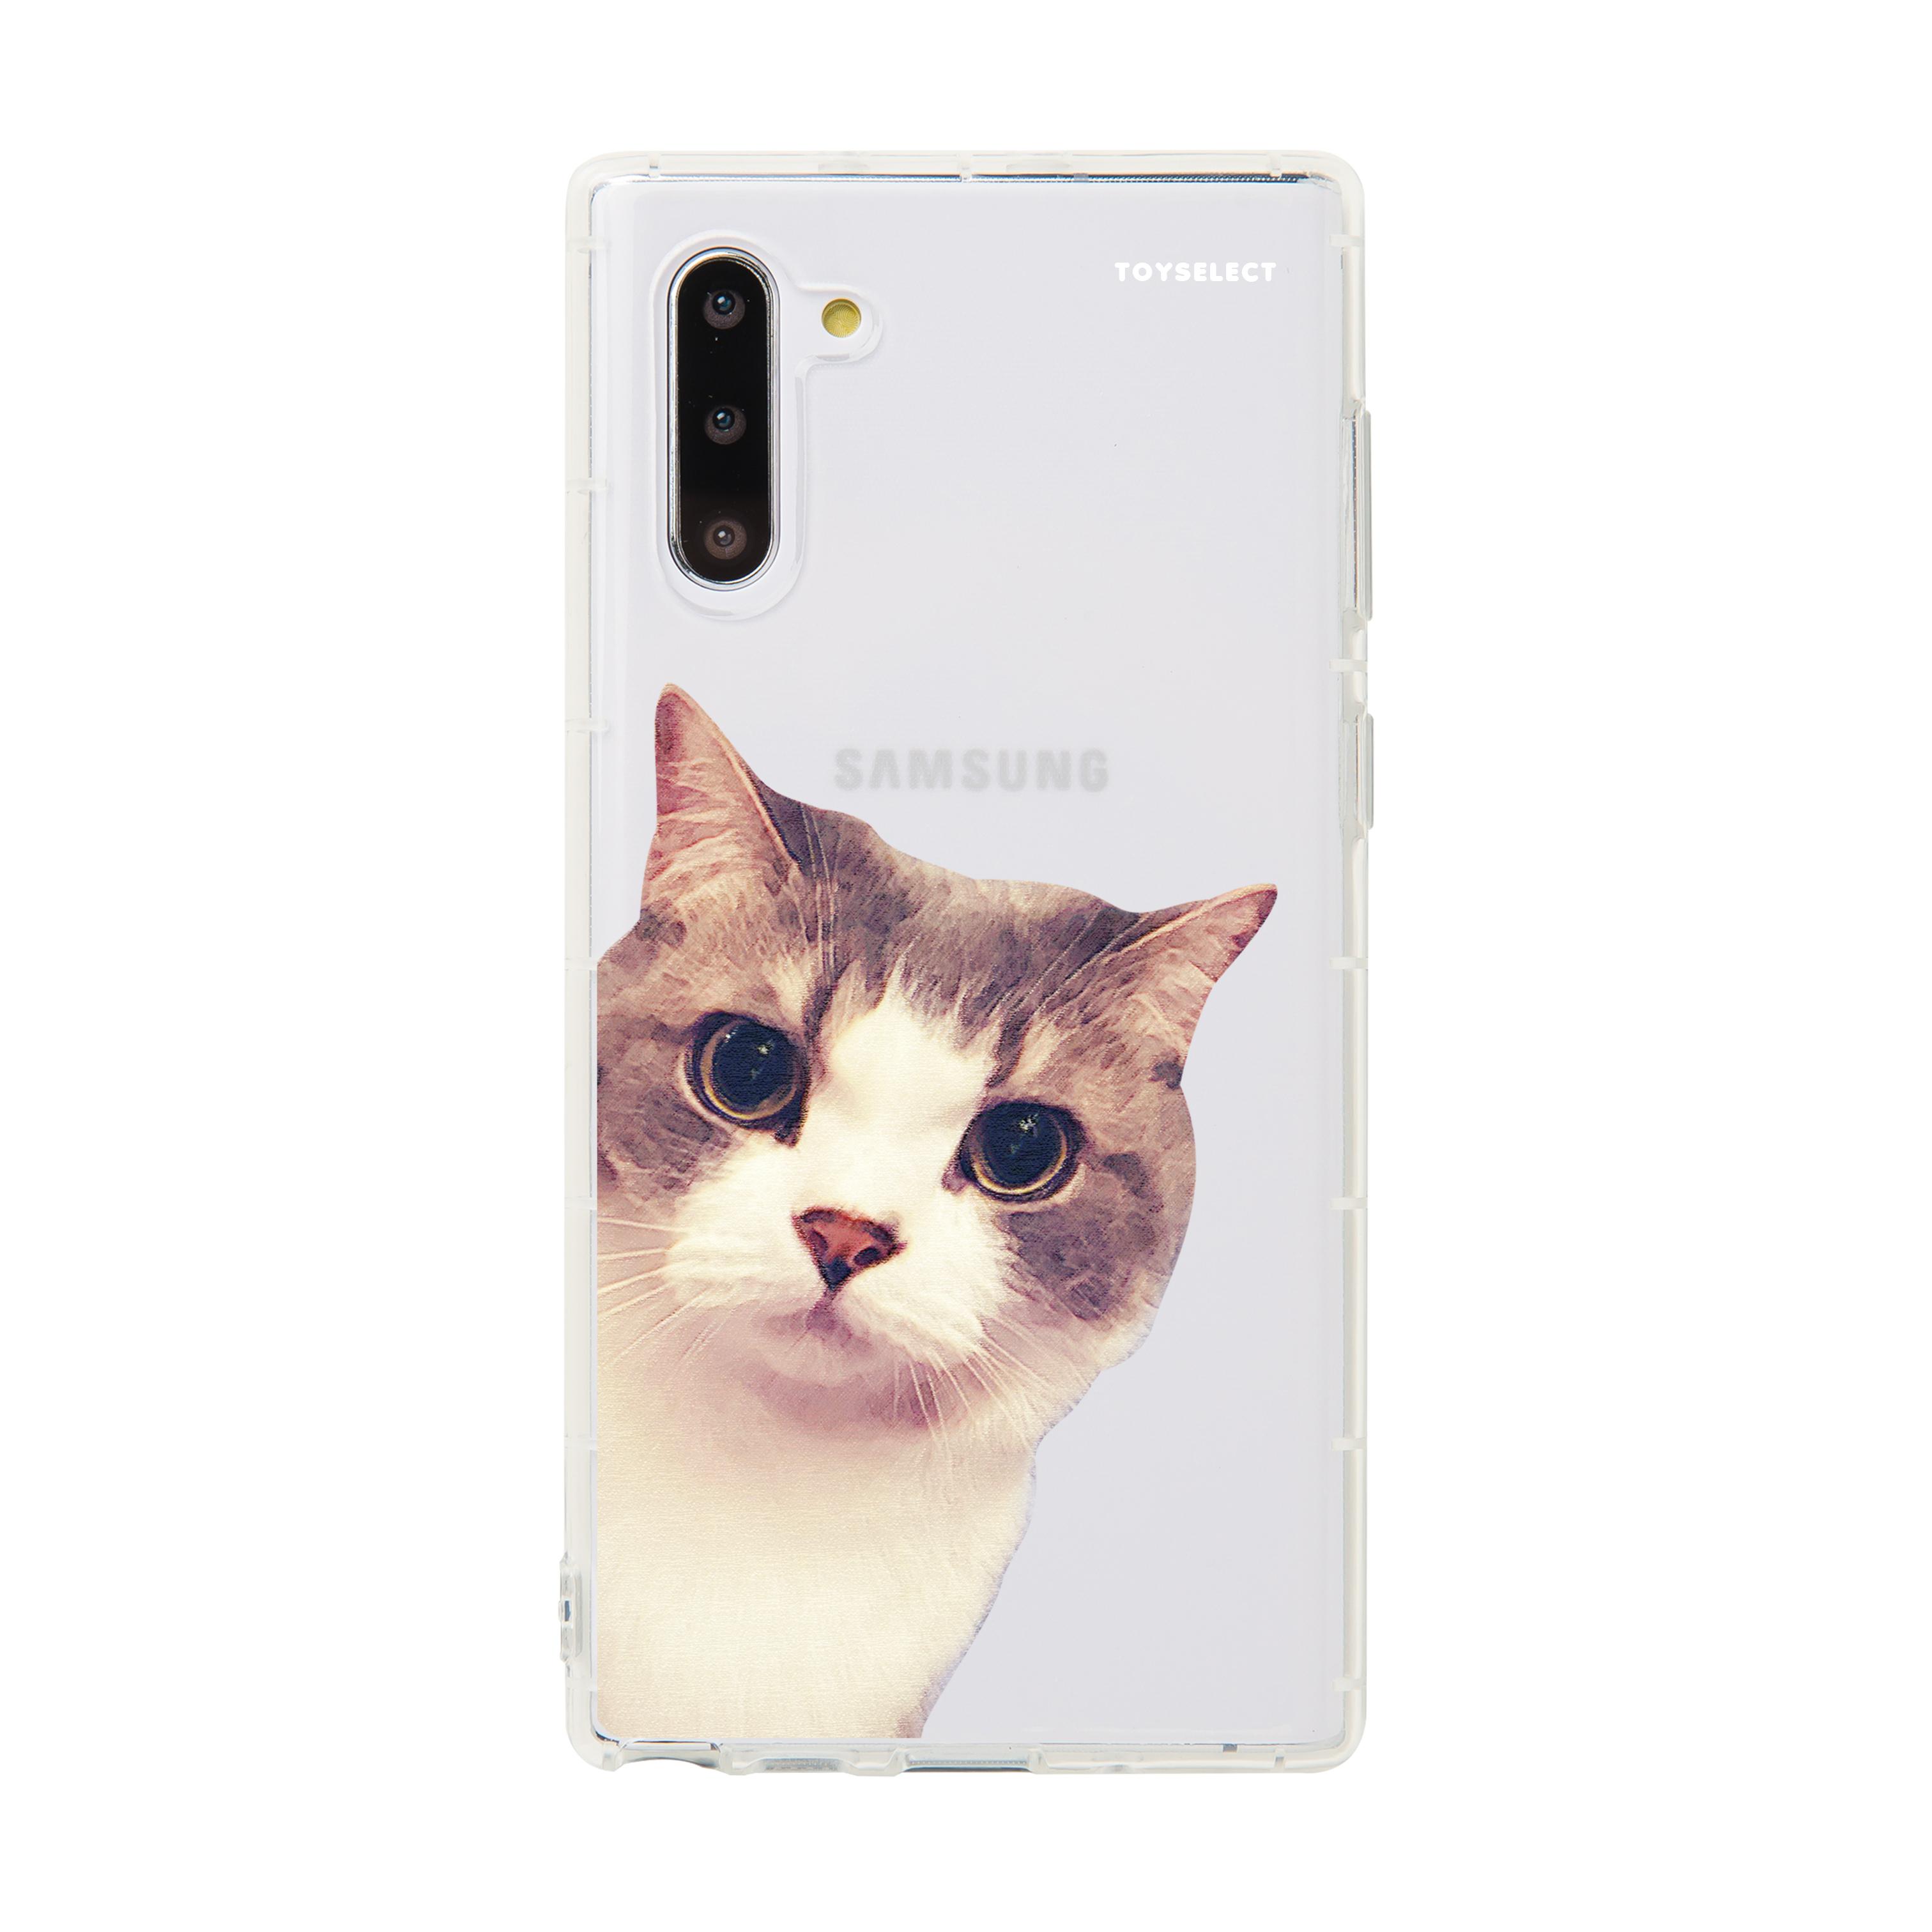 【獨家設計】萌貓偷偷看系列透明防摔Samsung手機殼